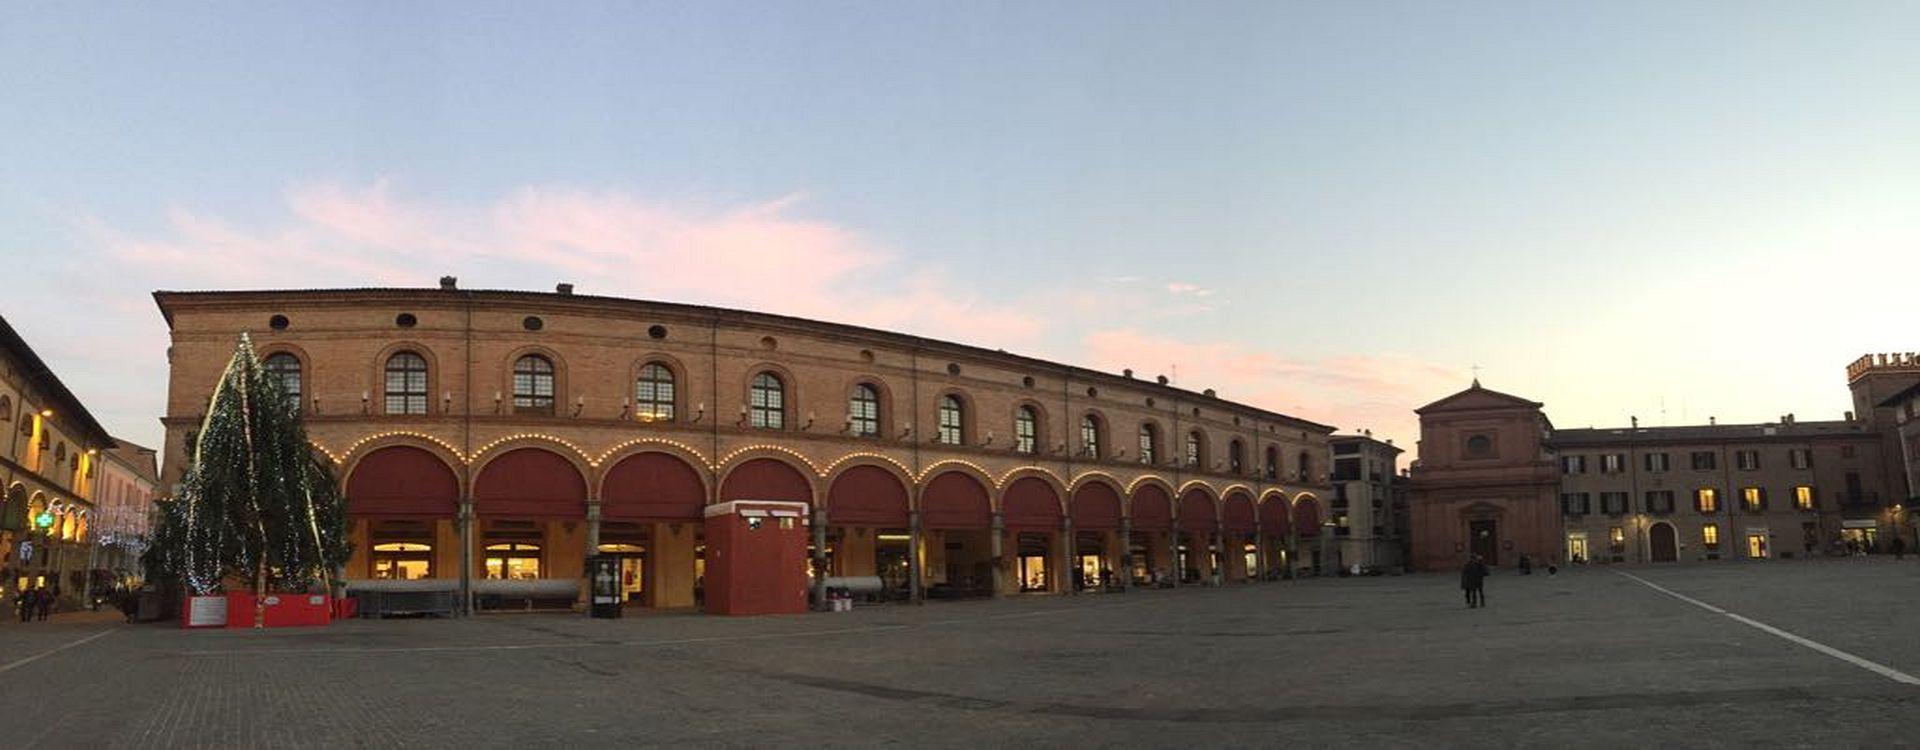 Imola_Piazza